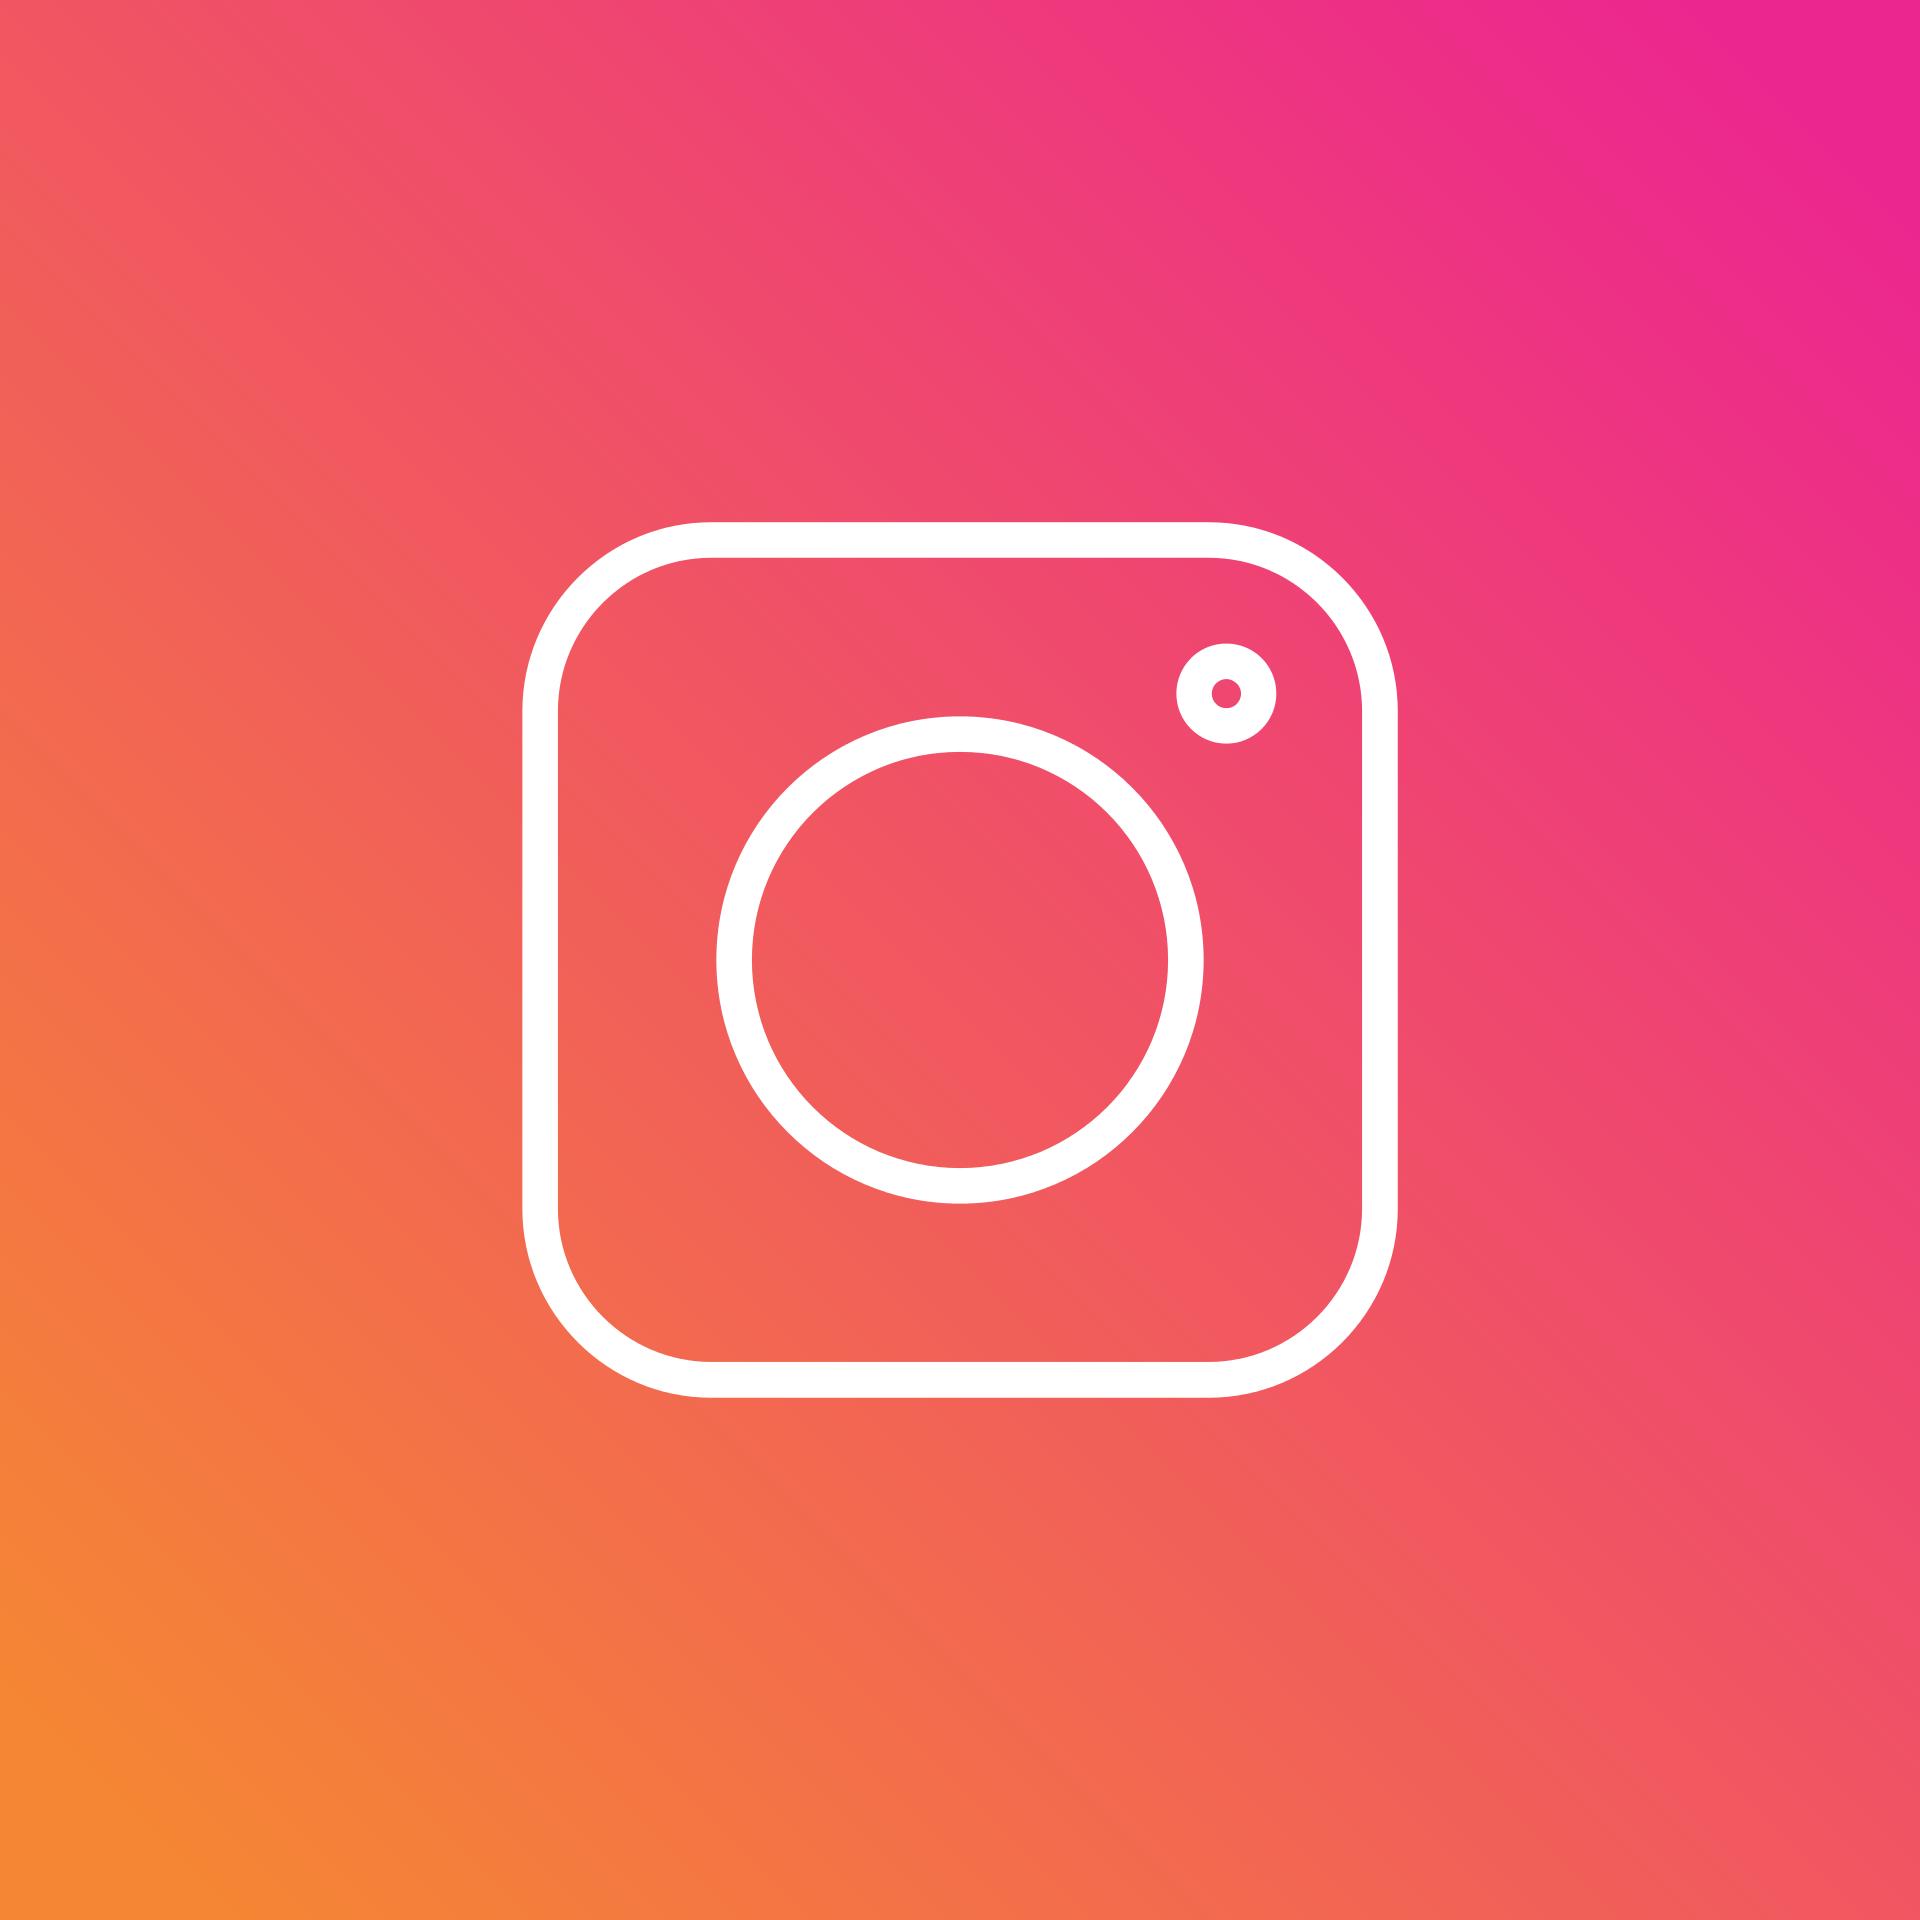 Instagram: Interaktionsrate seit 2016 halbiert